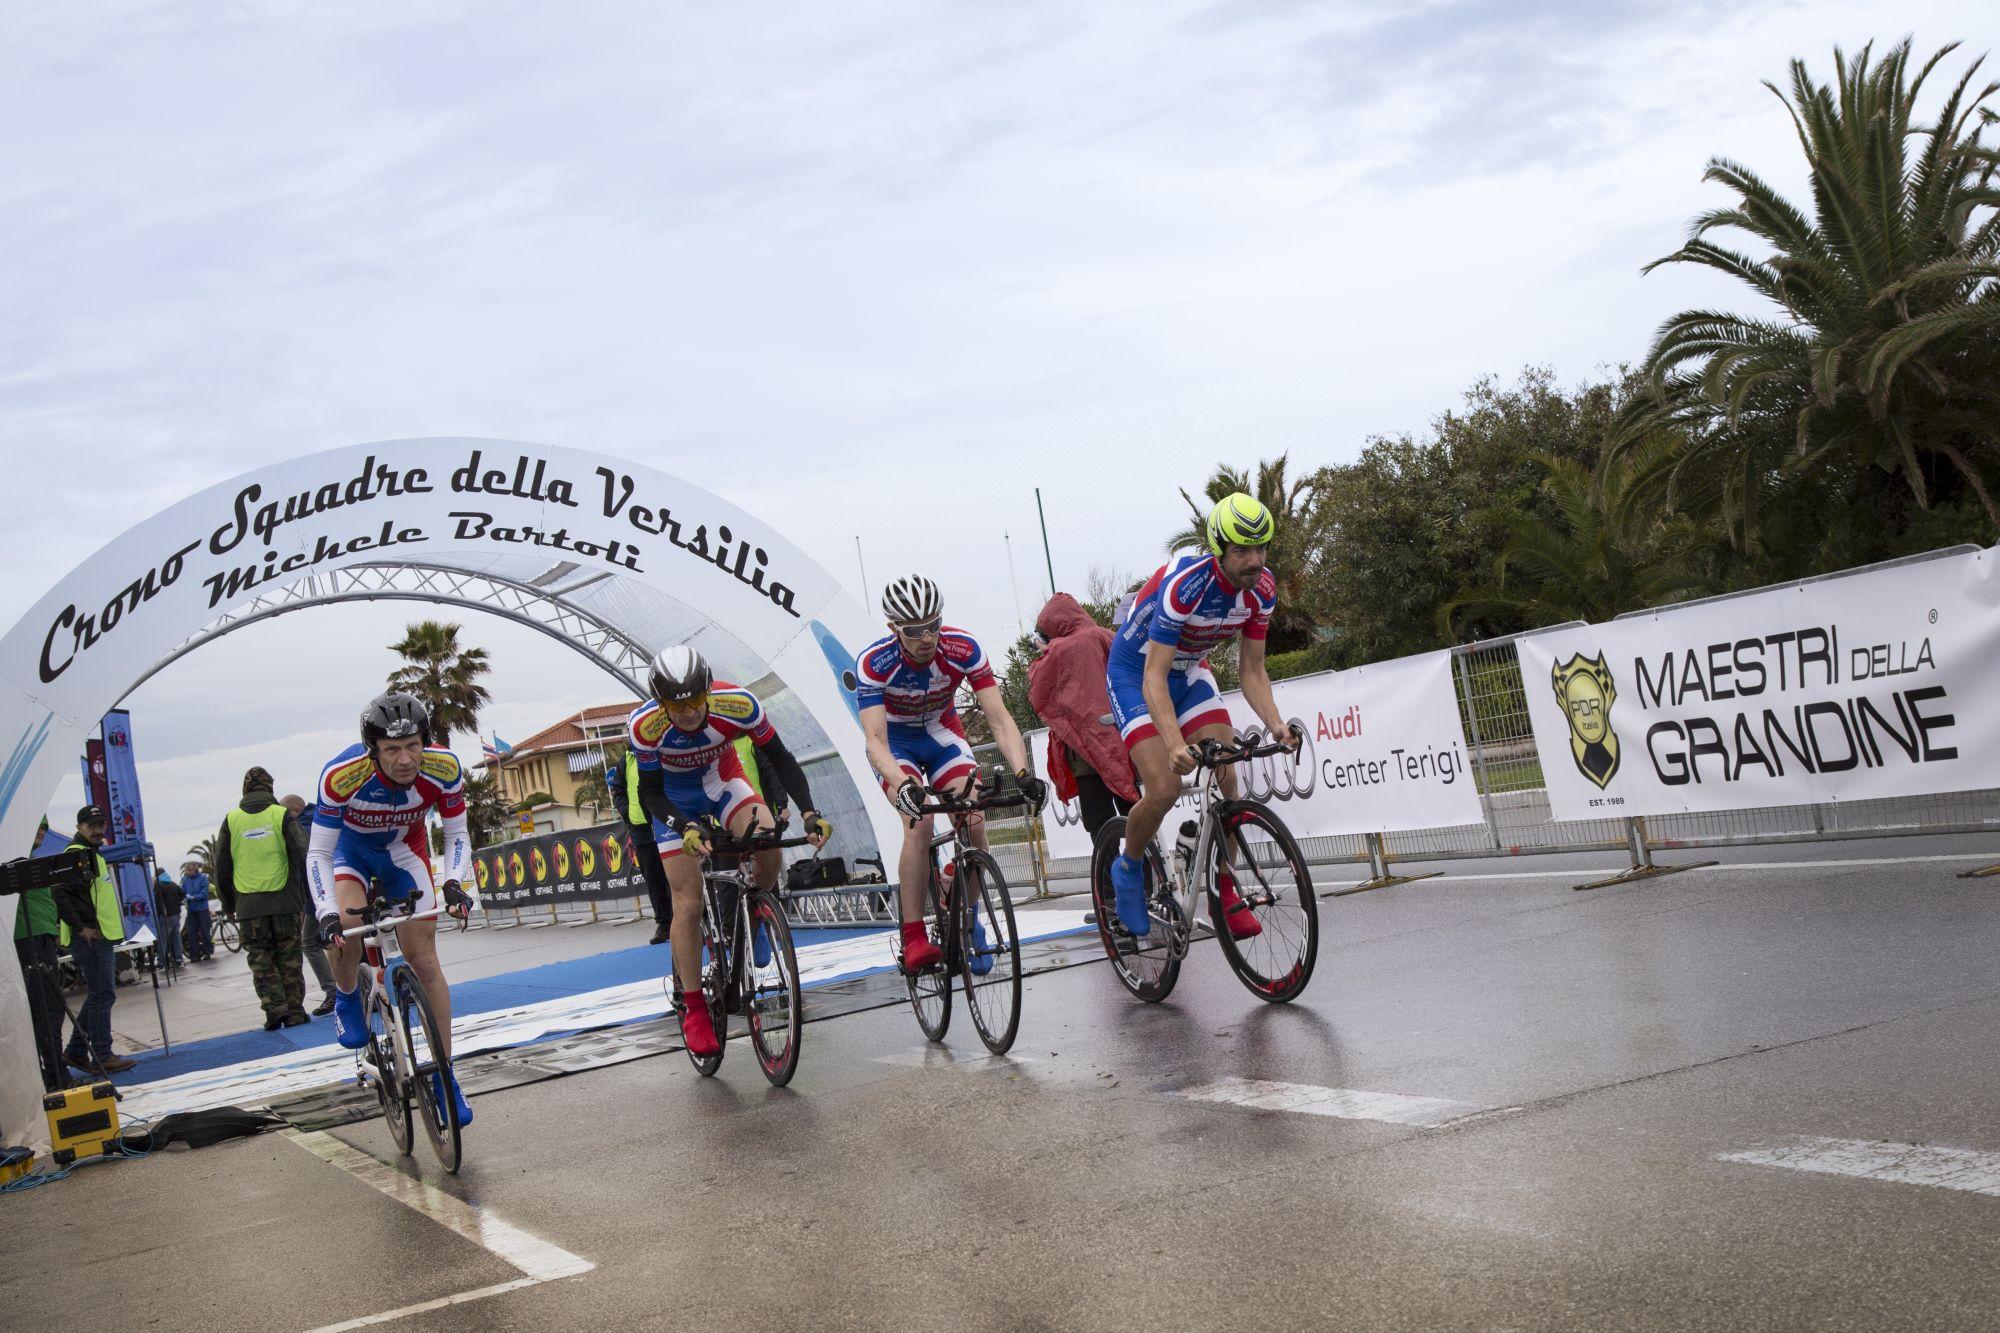 Incidente alla Tirreno-Adriatico, pedone investito da ciclista